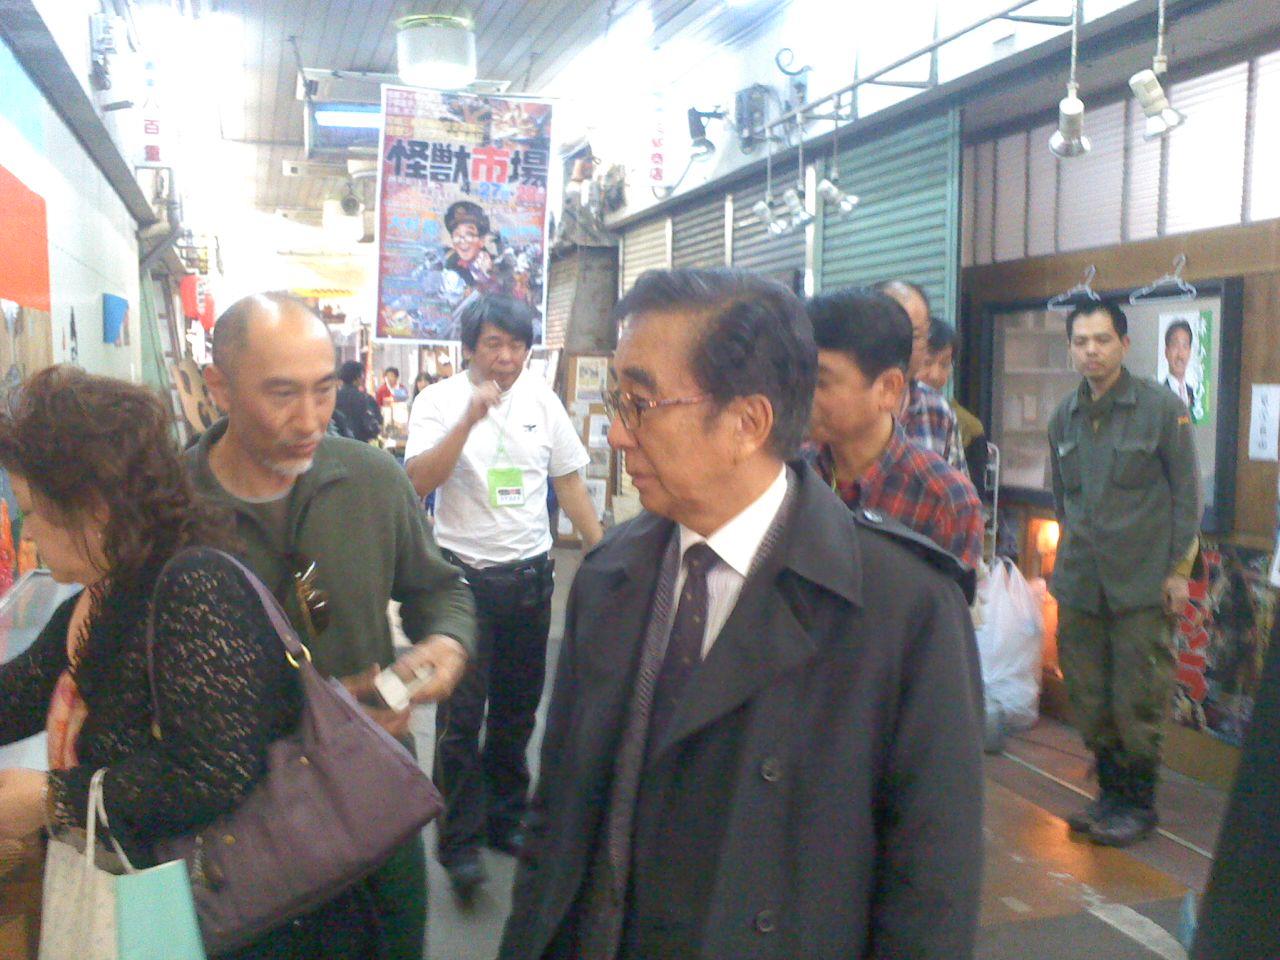 コンちゃん、西川先生、怪獣市場に登場!_a0196732_1541924.jpg